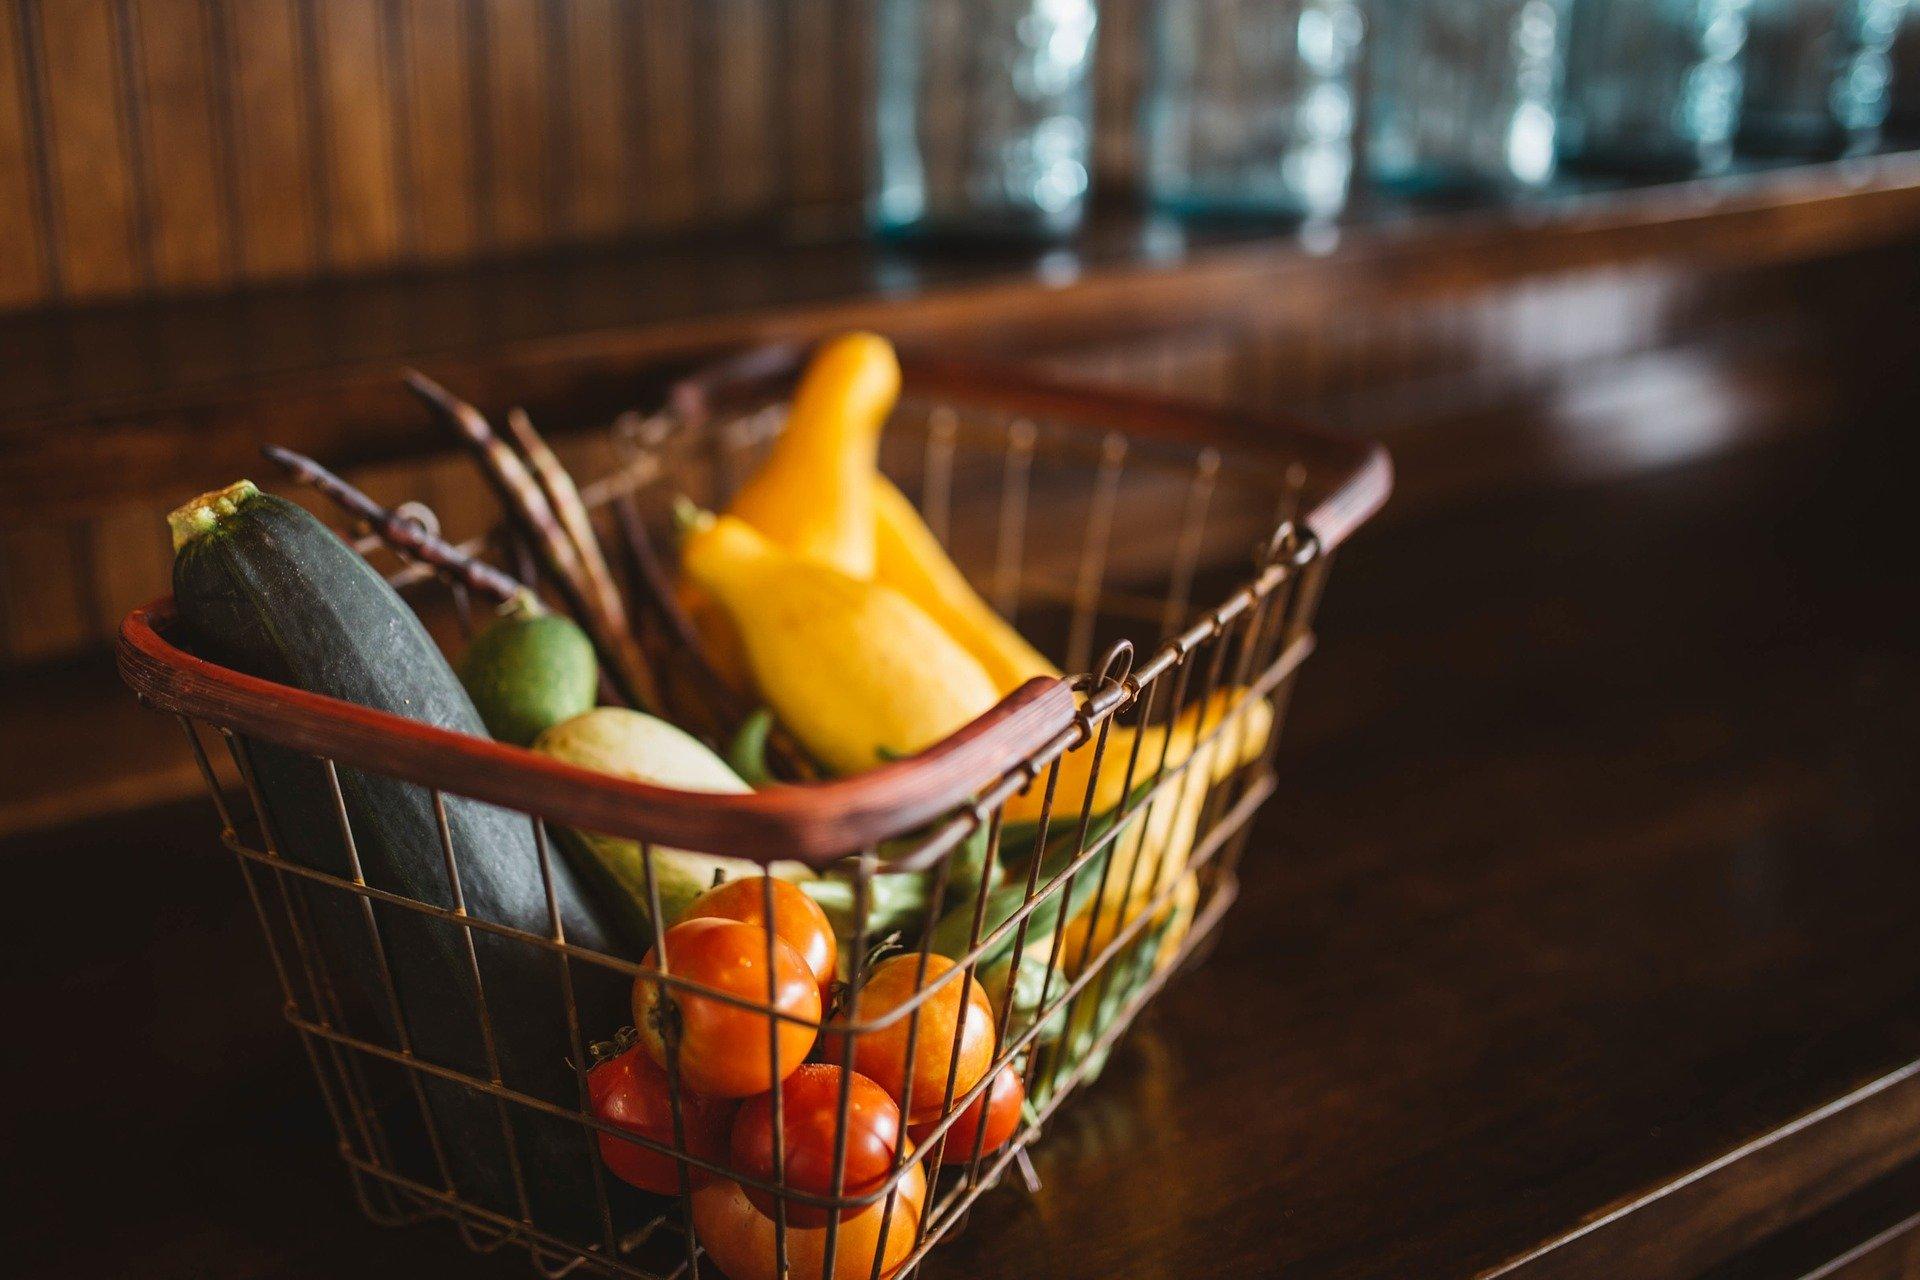 Обнуление пошлин на импортные продукты отрицательно скажется на отечественных производителях тепличных овощей